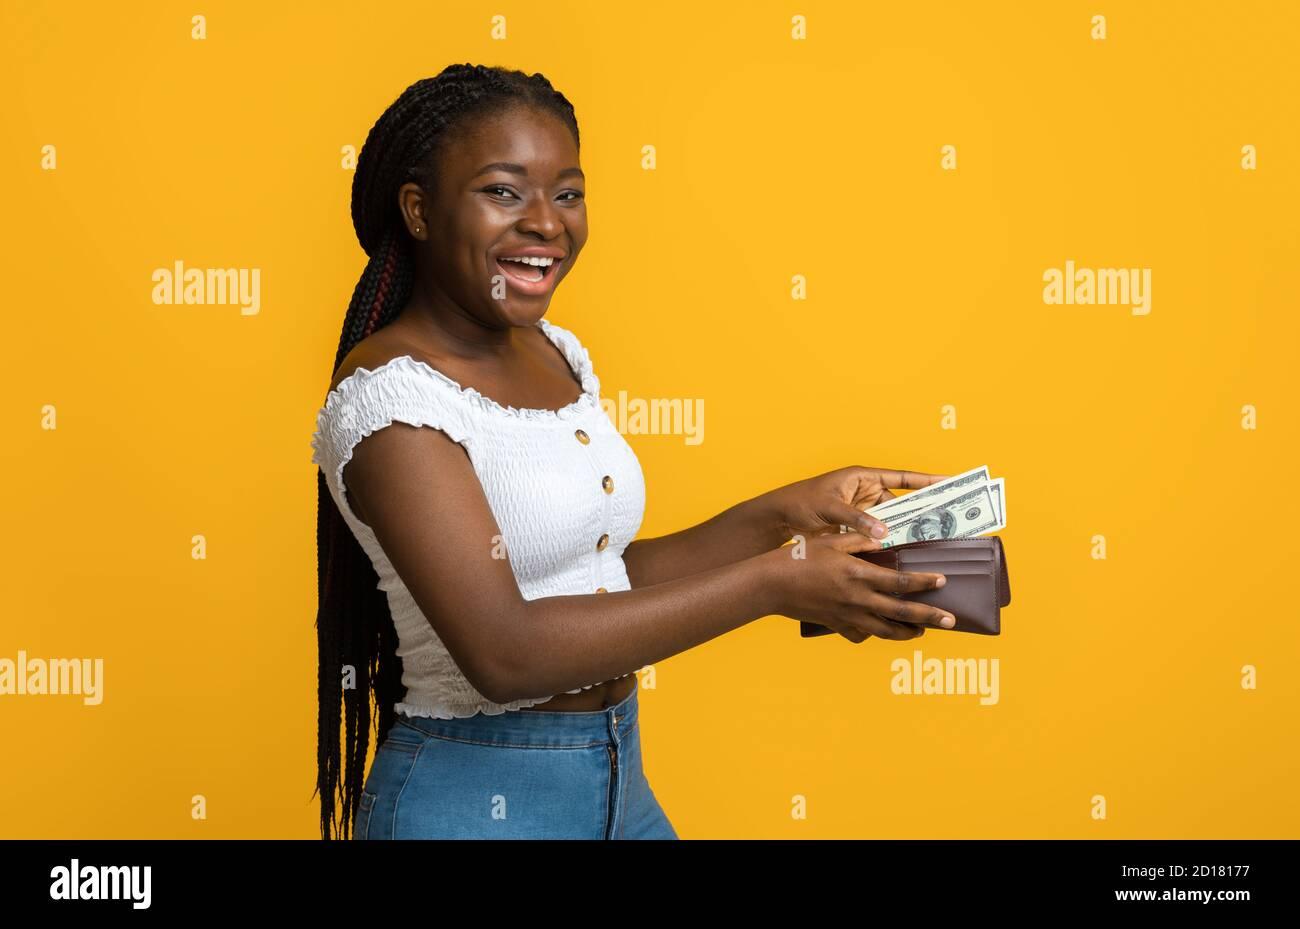 Finance, investissement et économies d'argent. Bonne femme noire mettant des billets dans un portefeuille Banque D'Images